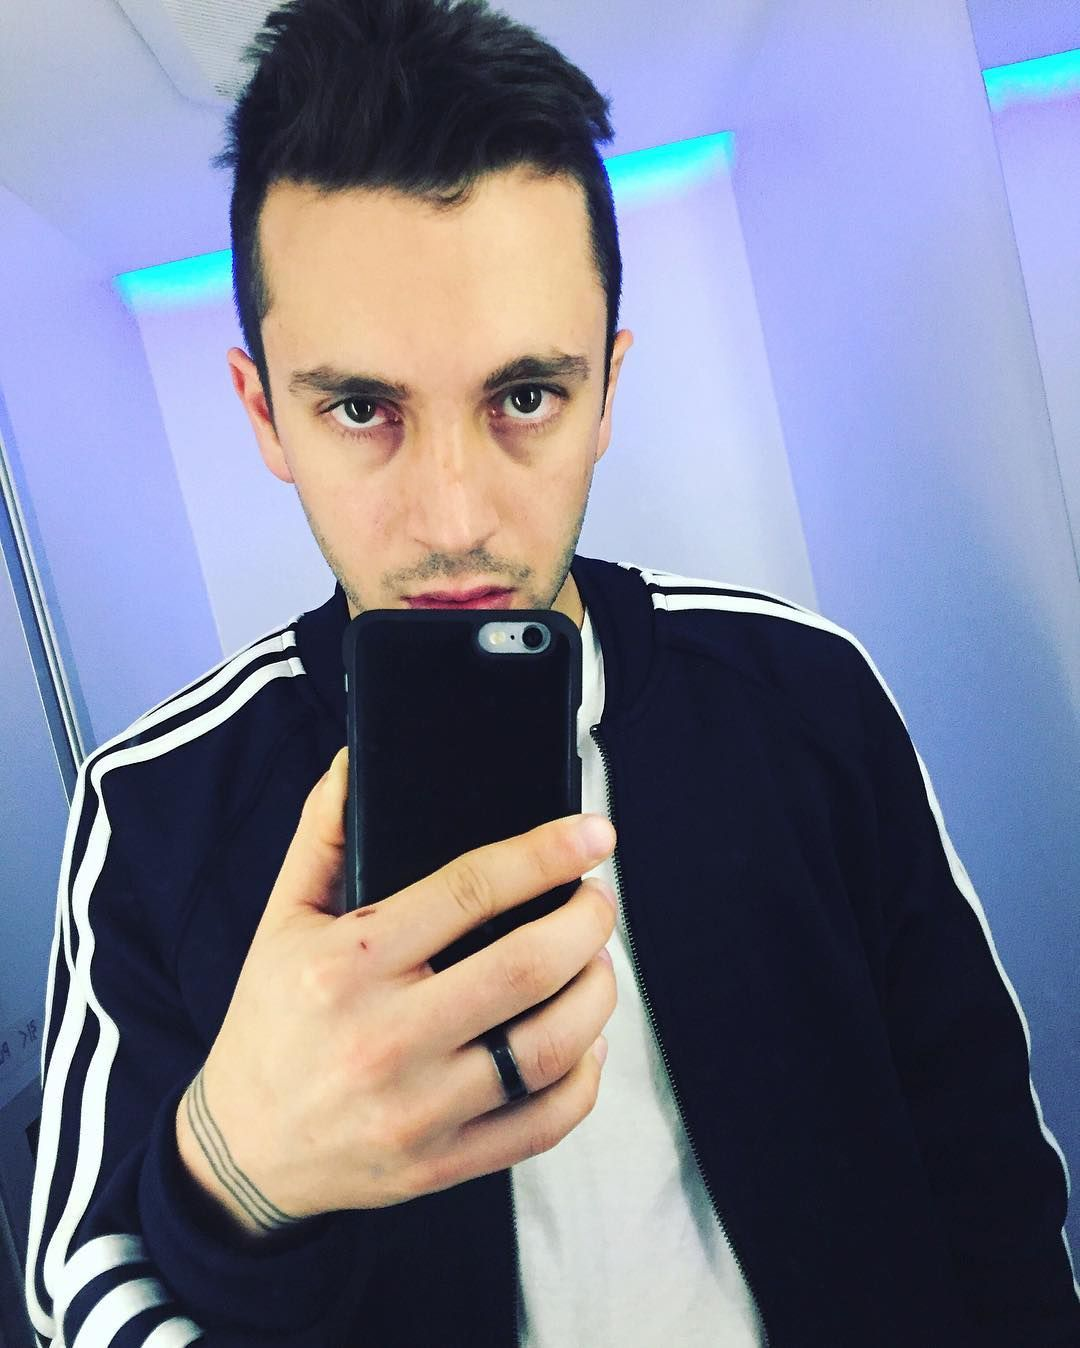 @tylerrjoseph https://www.instagram.com/p/BCoKeSfFuhd/